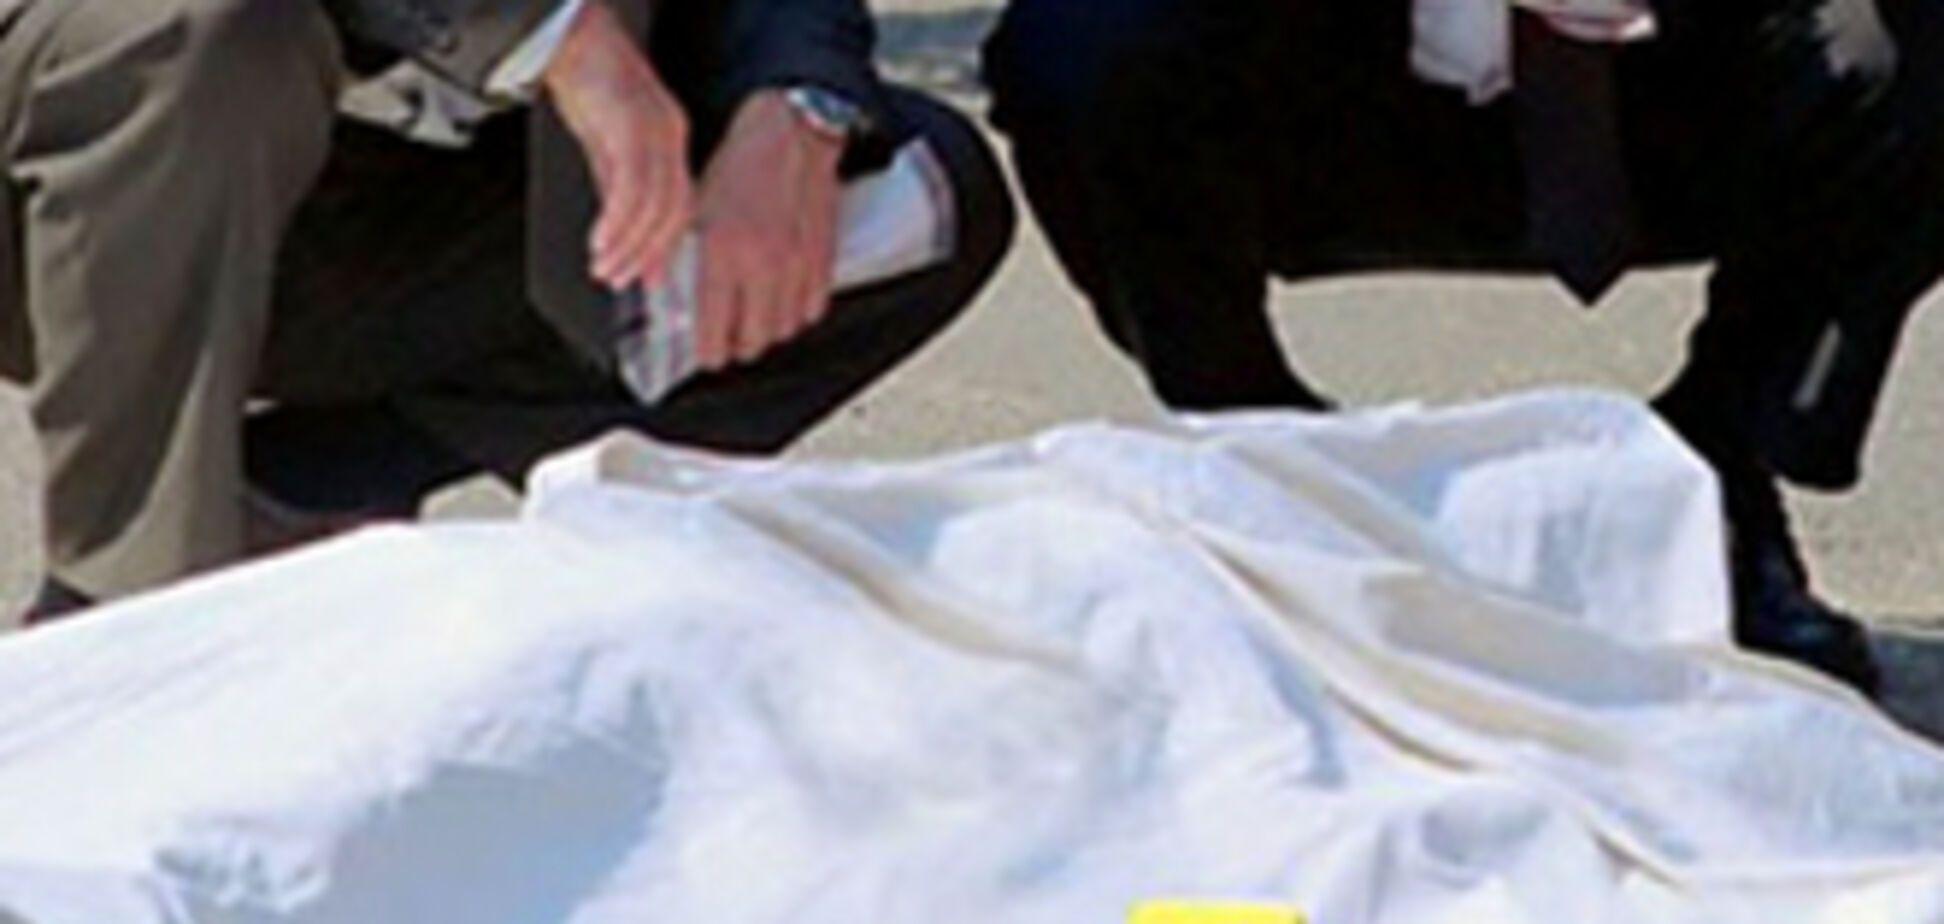 Зниклого 16-річного підлітка знайшли мертвим